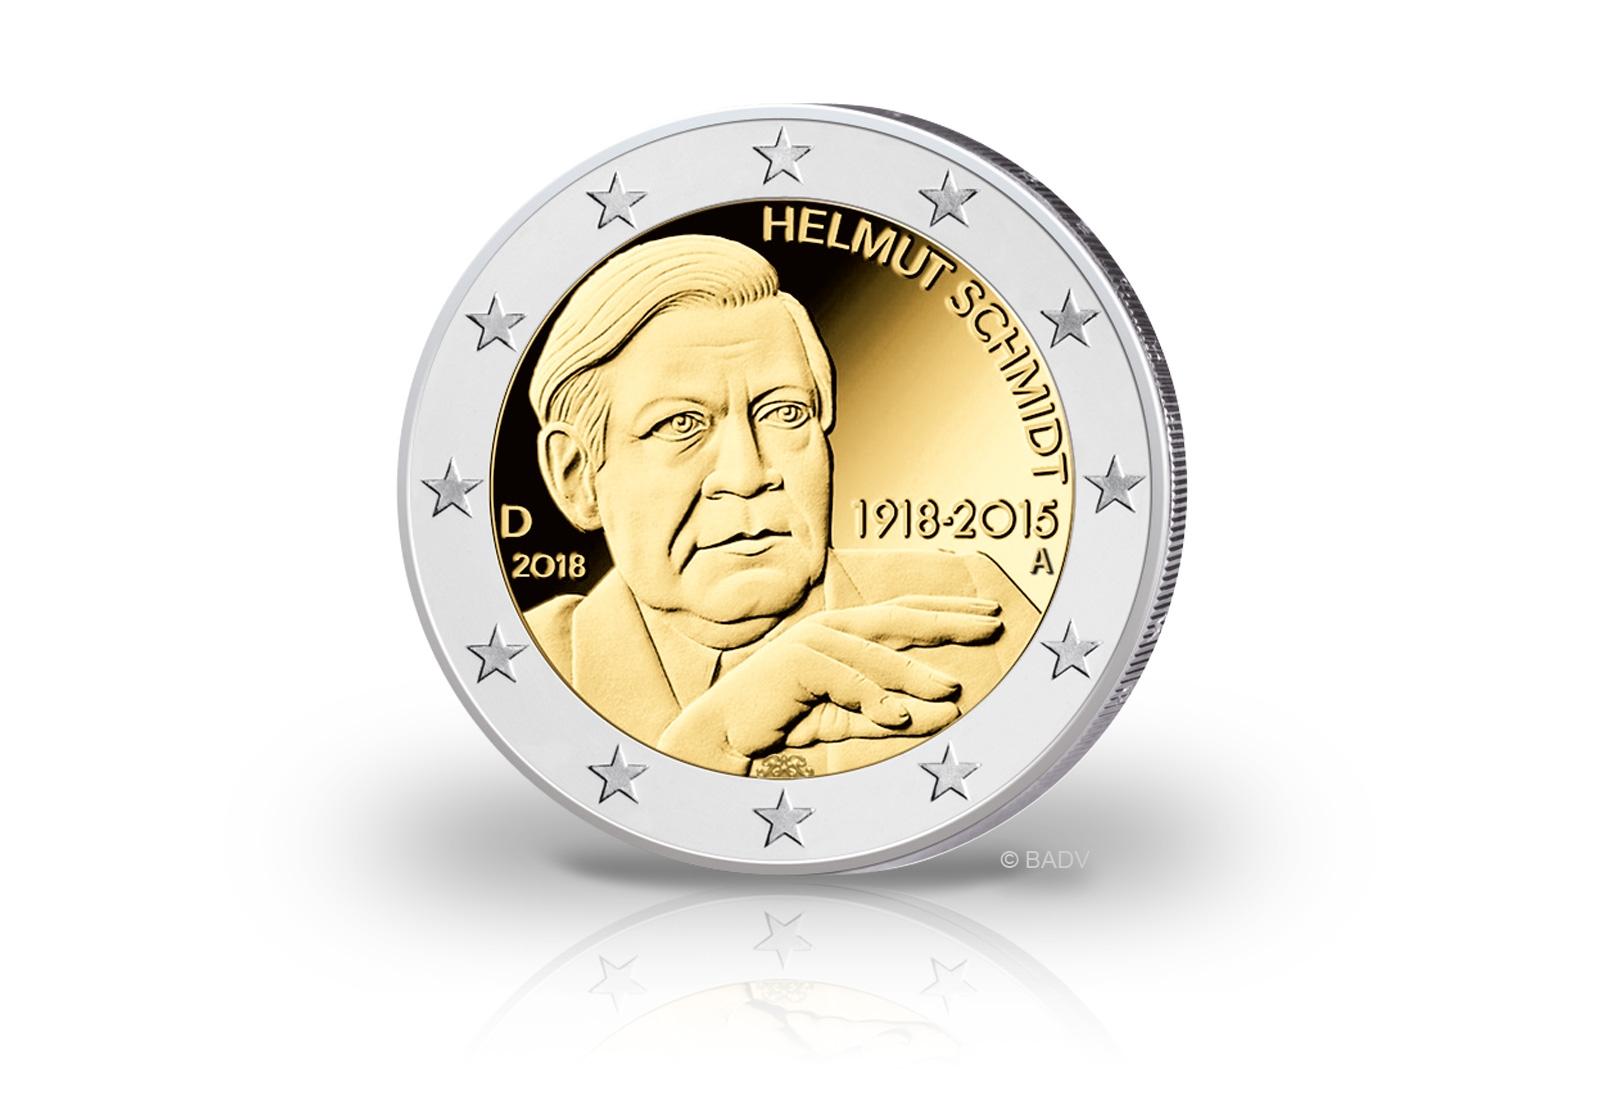 Brd 2 Euro Gedenkmünze Helmut Schmidt Prägestätte A 2018 Jahrgang